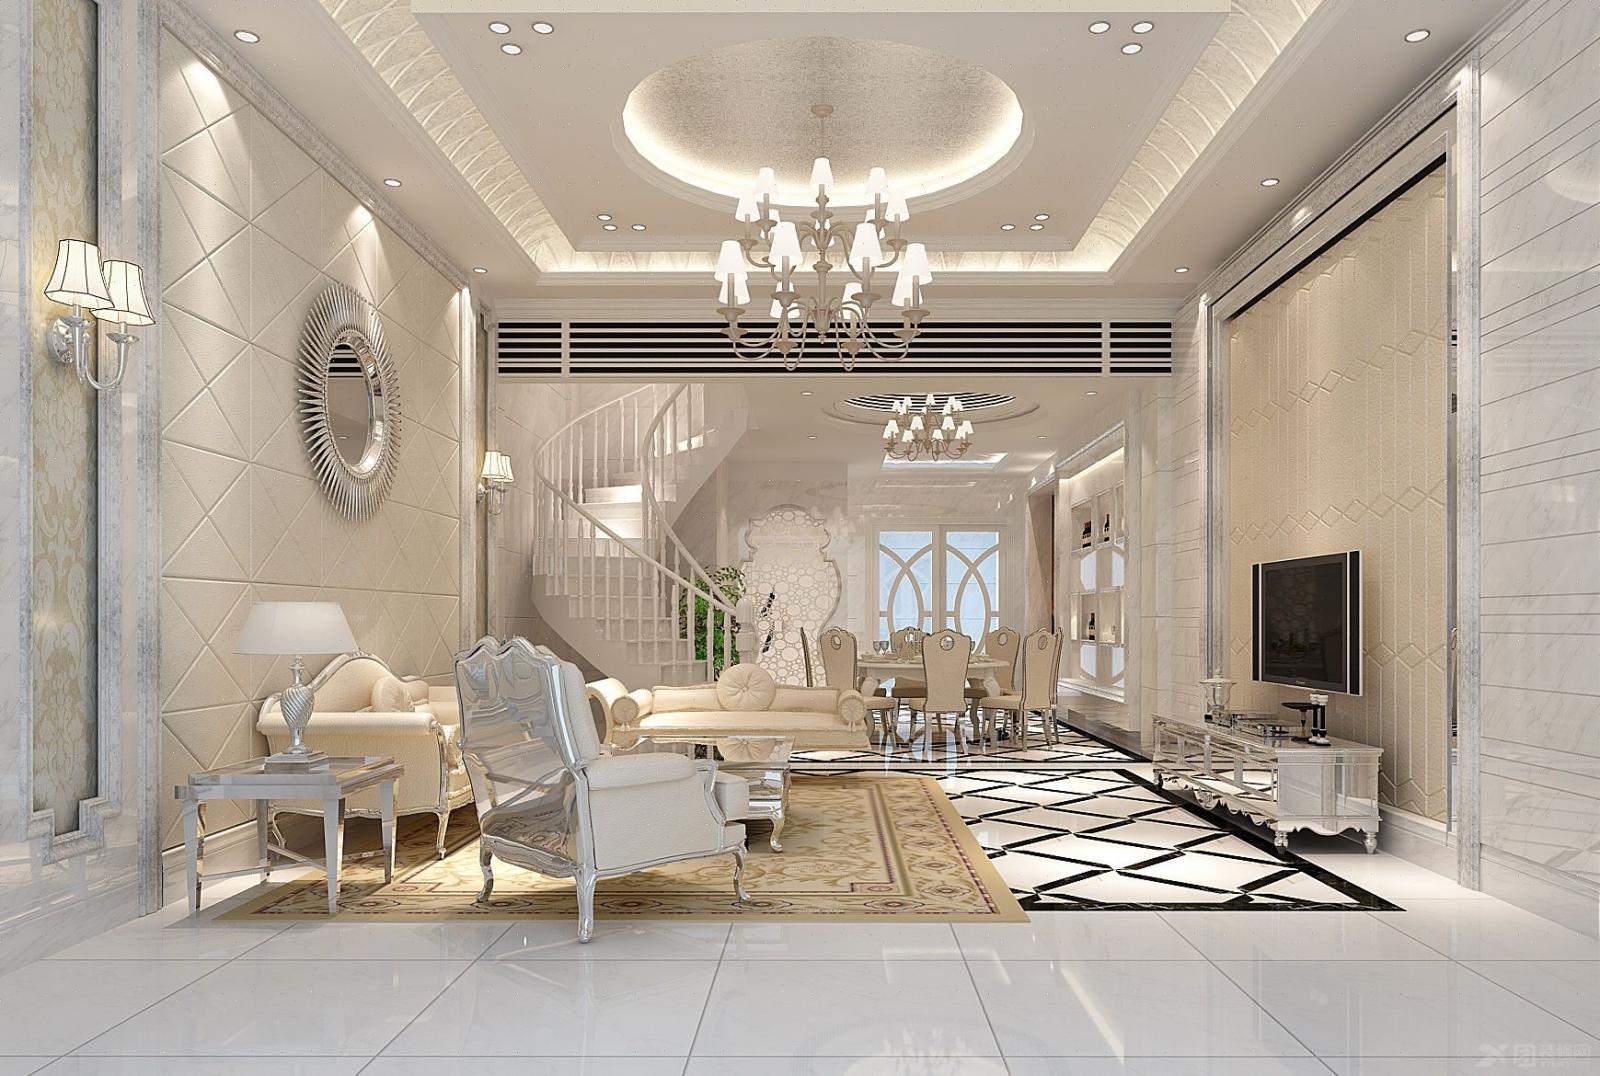 地板,如果使用拼花的大理石地砖在厅堂地面做出造型可以给简欧风格的